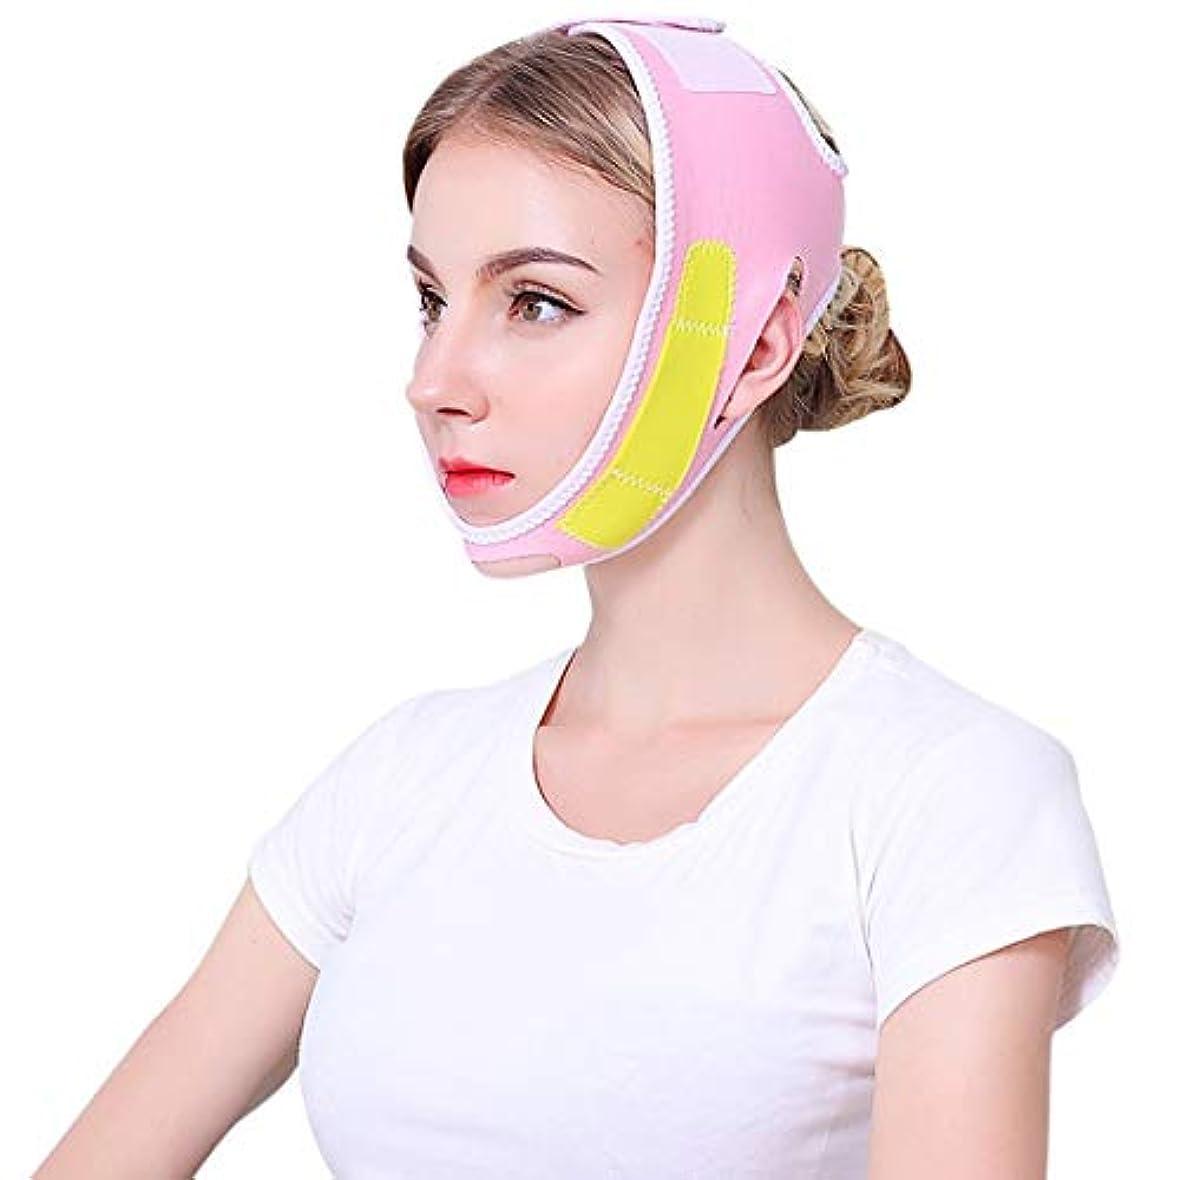 グローブポーズ重さZWBD フェイスマスク, 薄い顔の包帯睡眠小さいv顔アーティファクトプル型二重あご線術後矯正薄い顔ステッカー